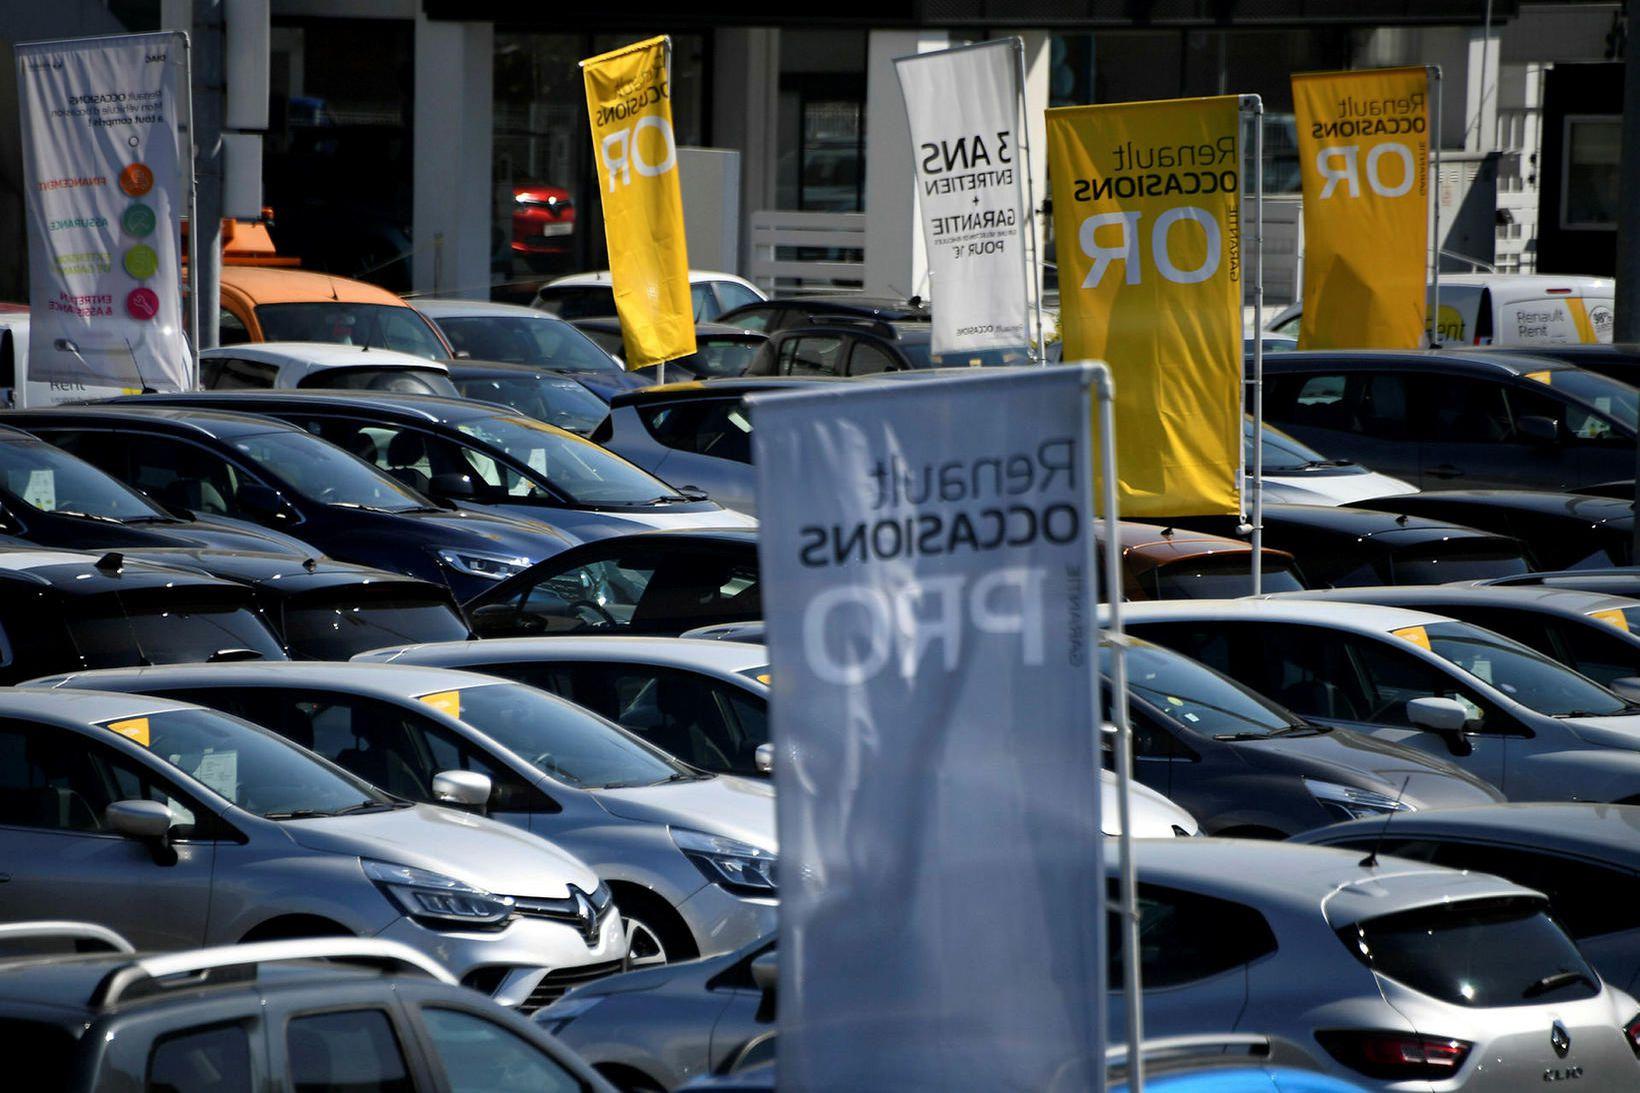 Á bílasölu Renault í París er að finna margt tilboðið …